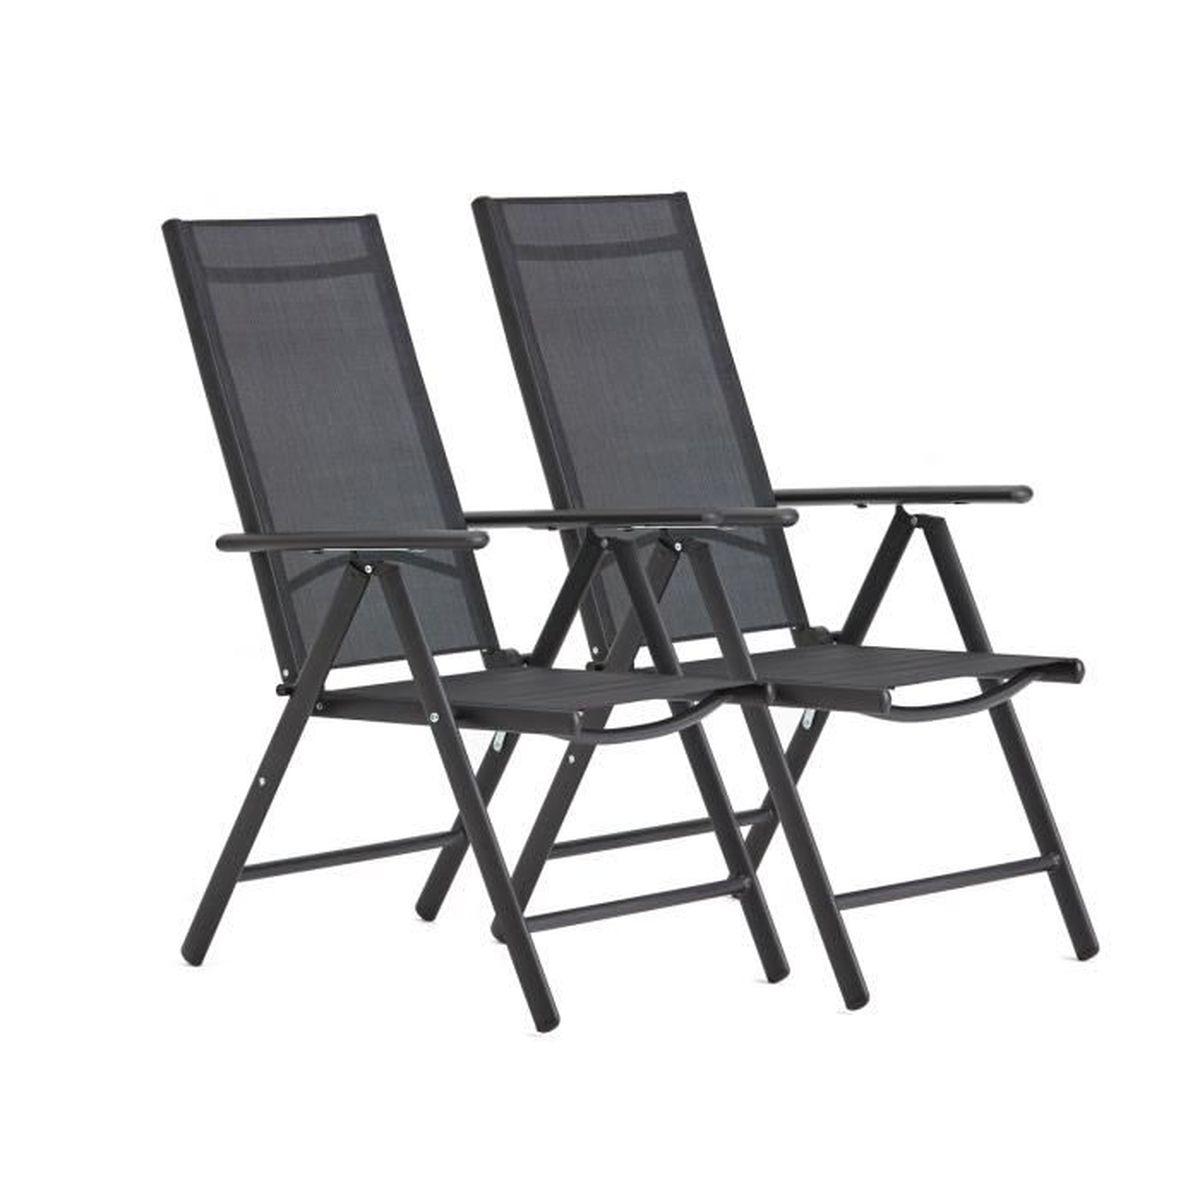 Chaise Pliante Vente De Cher Pas Jardin En Aluminium Achat qAcRj354L